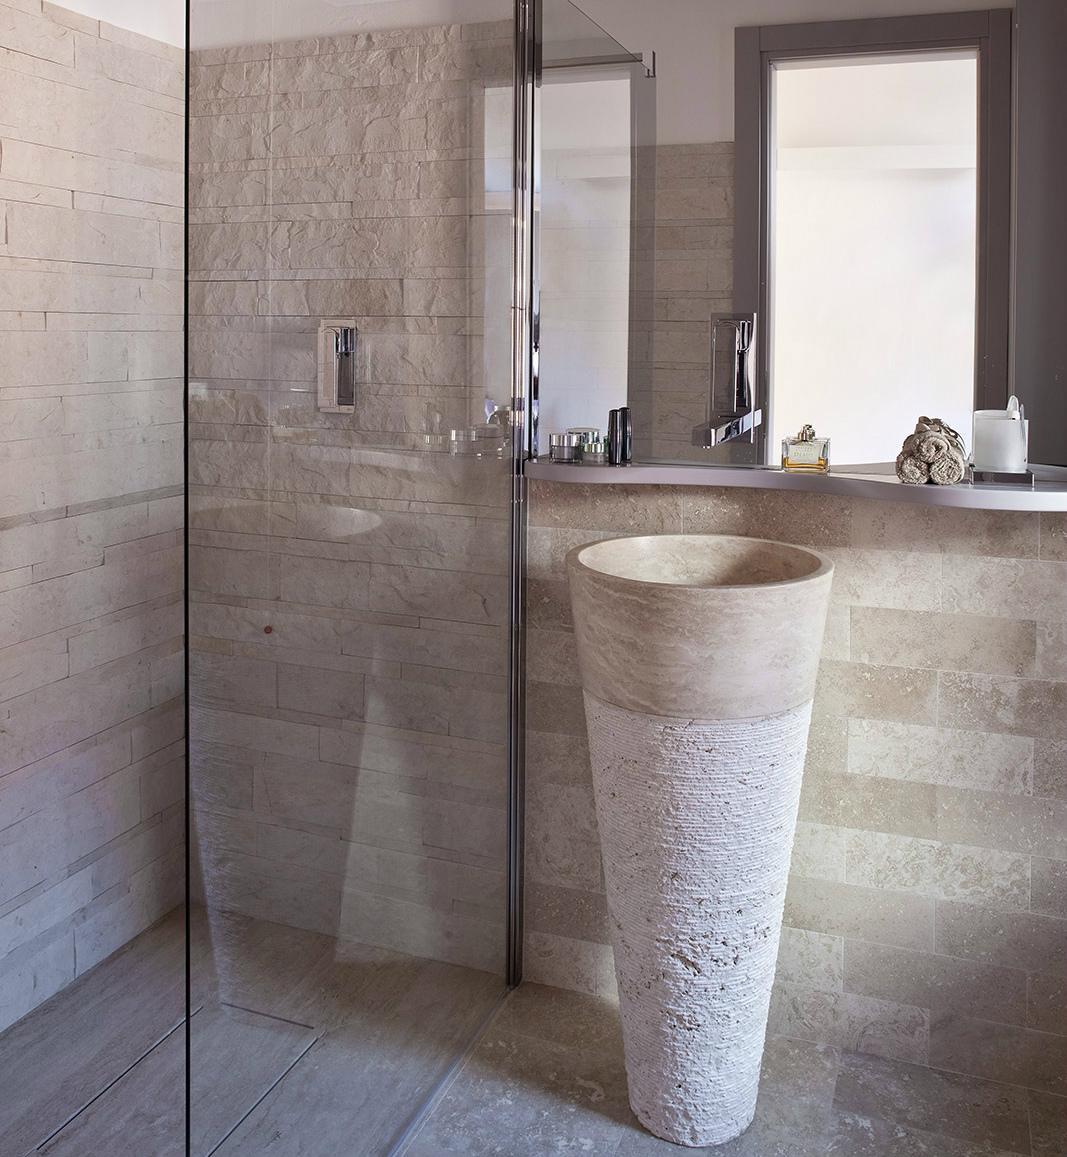 Rivestimenti in mosaico per box doccia mosaici bagno by - Rivestimenti bagno mosaico ...